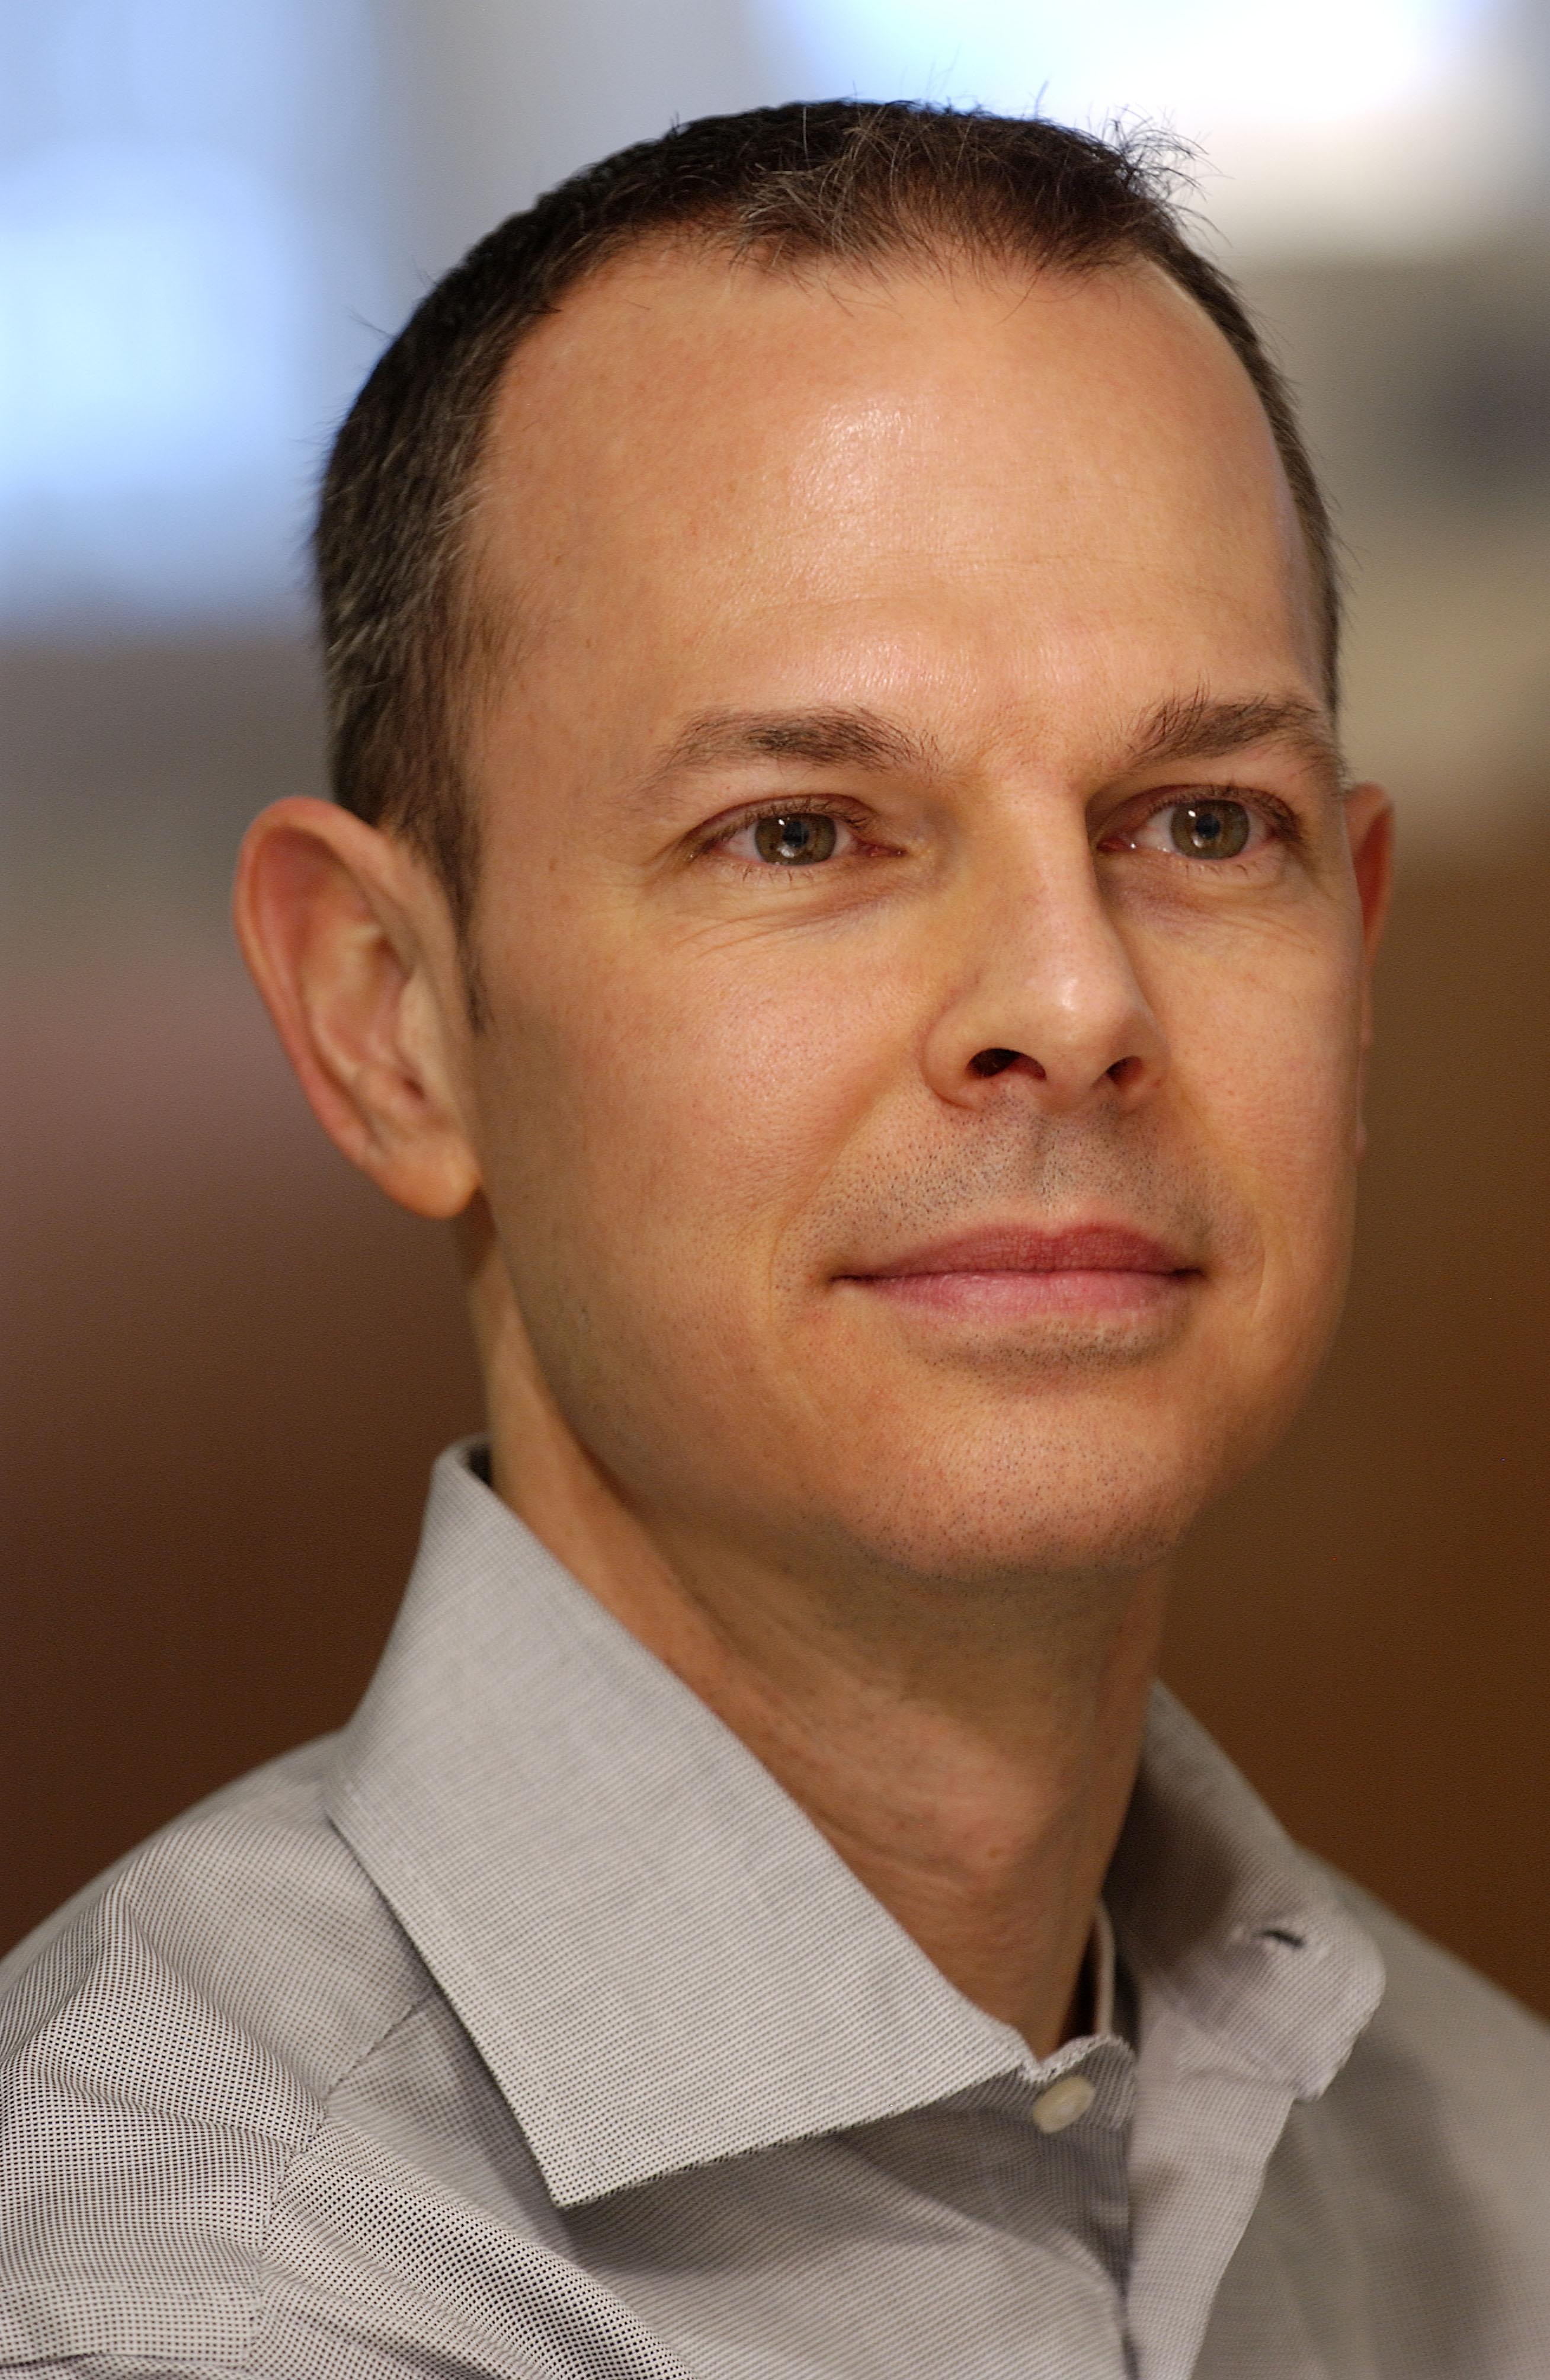 Brian Smuts